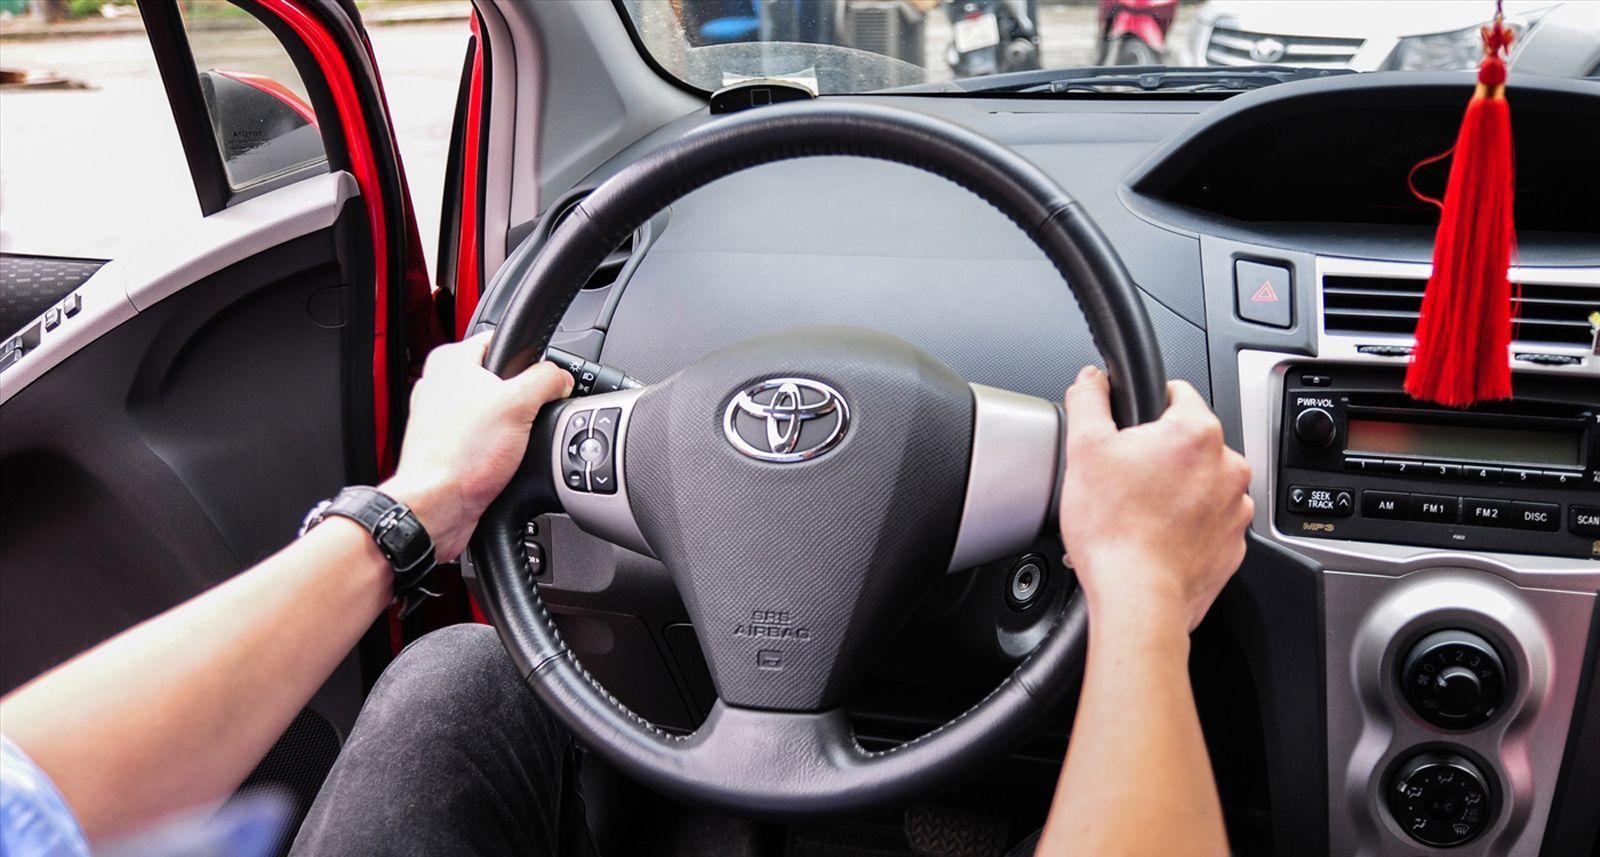 Tư vấn cách chọn mua xe chạy taxi cho người mới bắt đầu